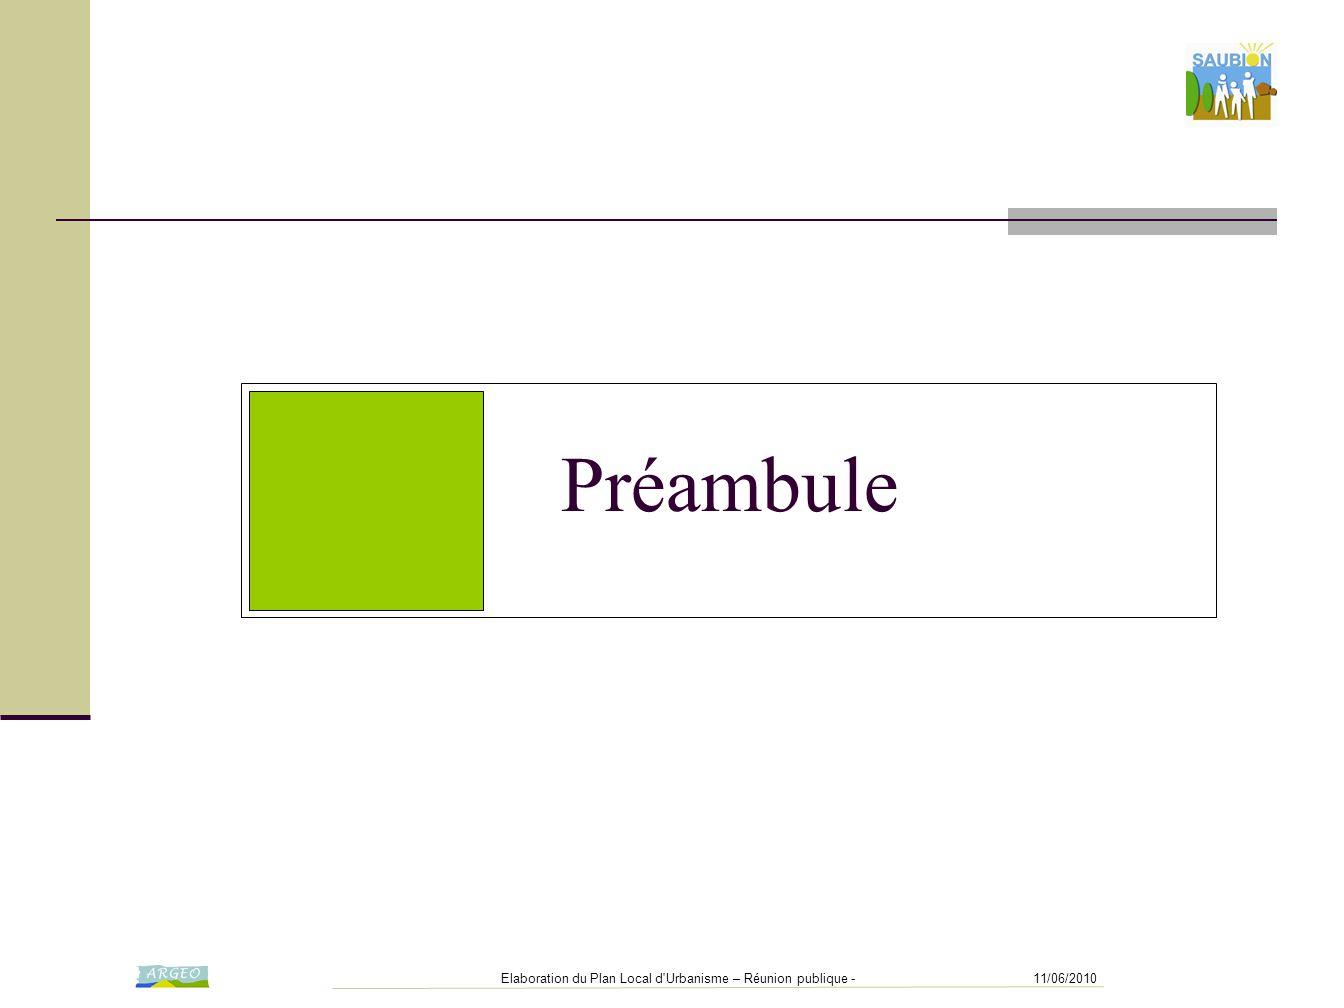 11/06/2010Elaboration du Plan Local d'Urbanisme – Réunion publique - Préambule